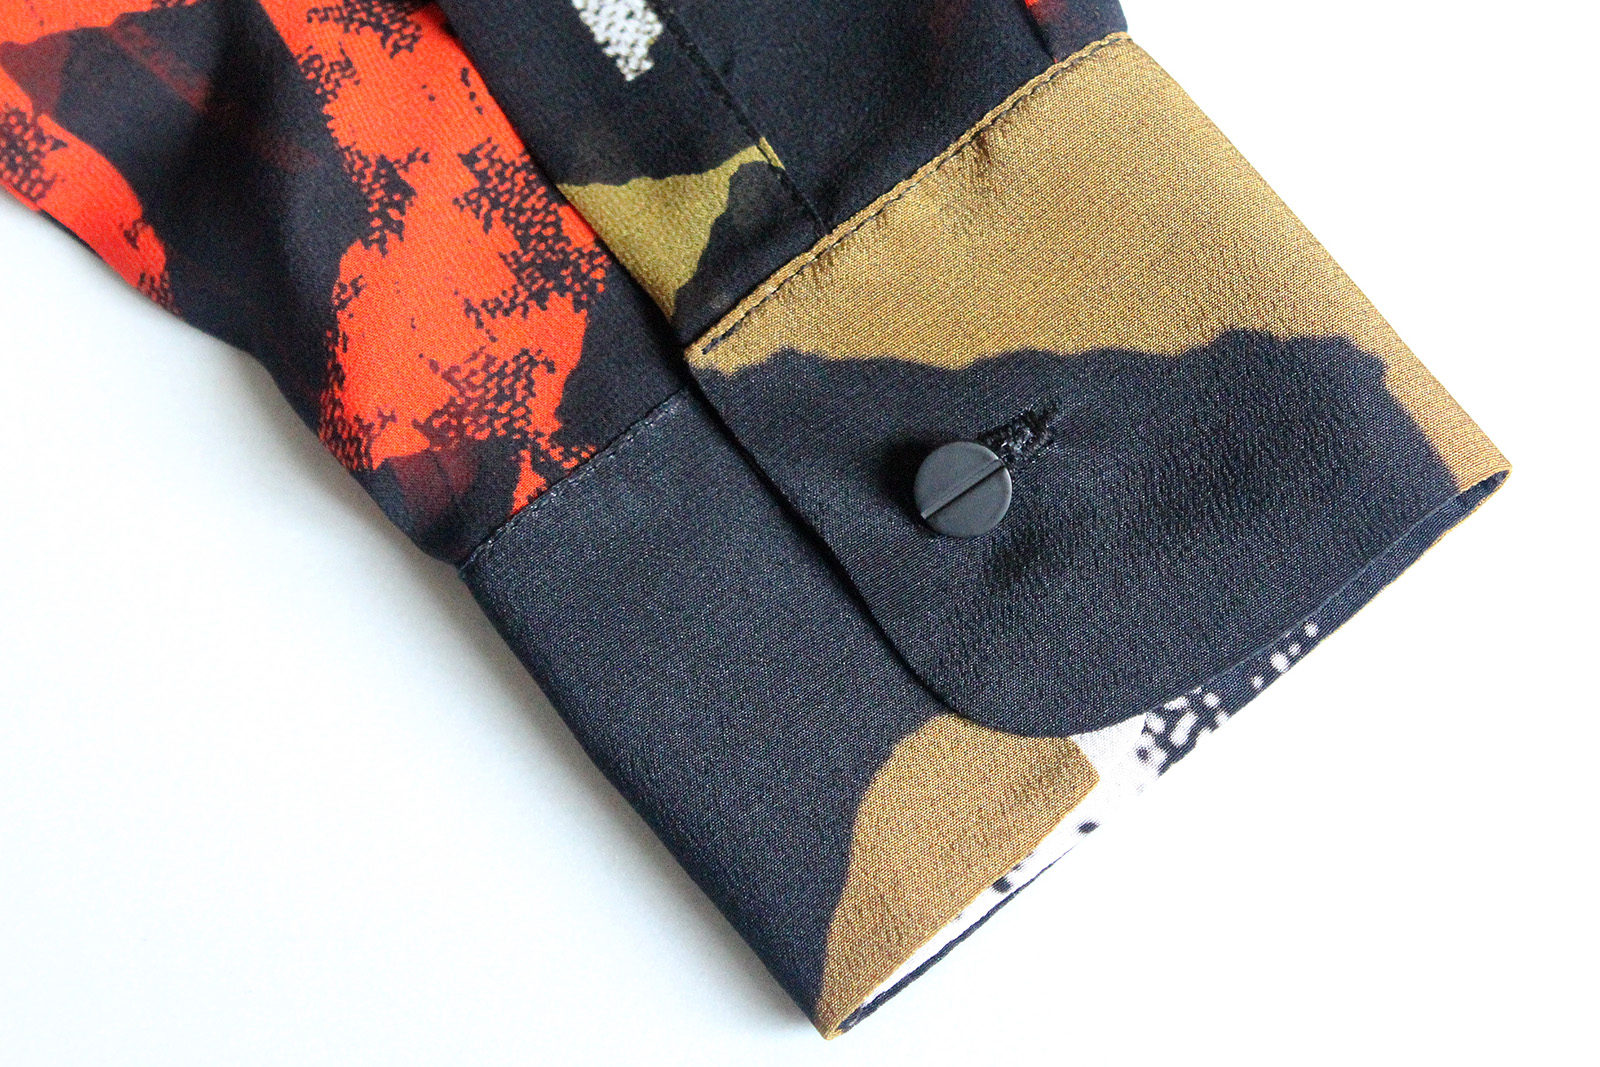 Preen by Thornton Bregazzi - Padme' shirt detail